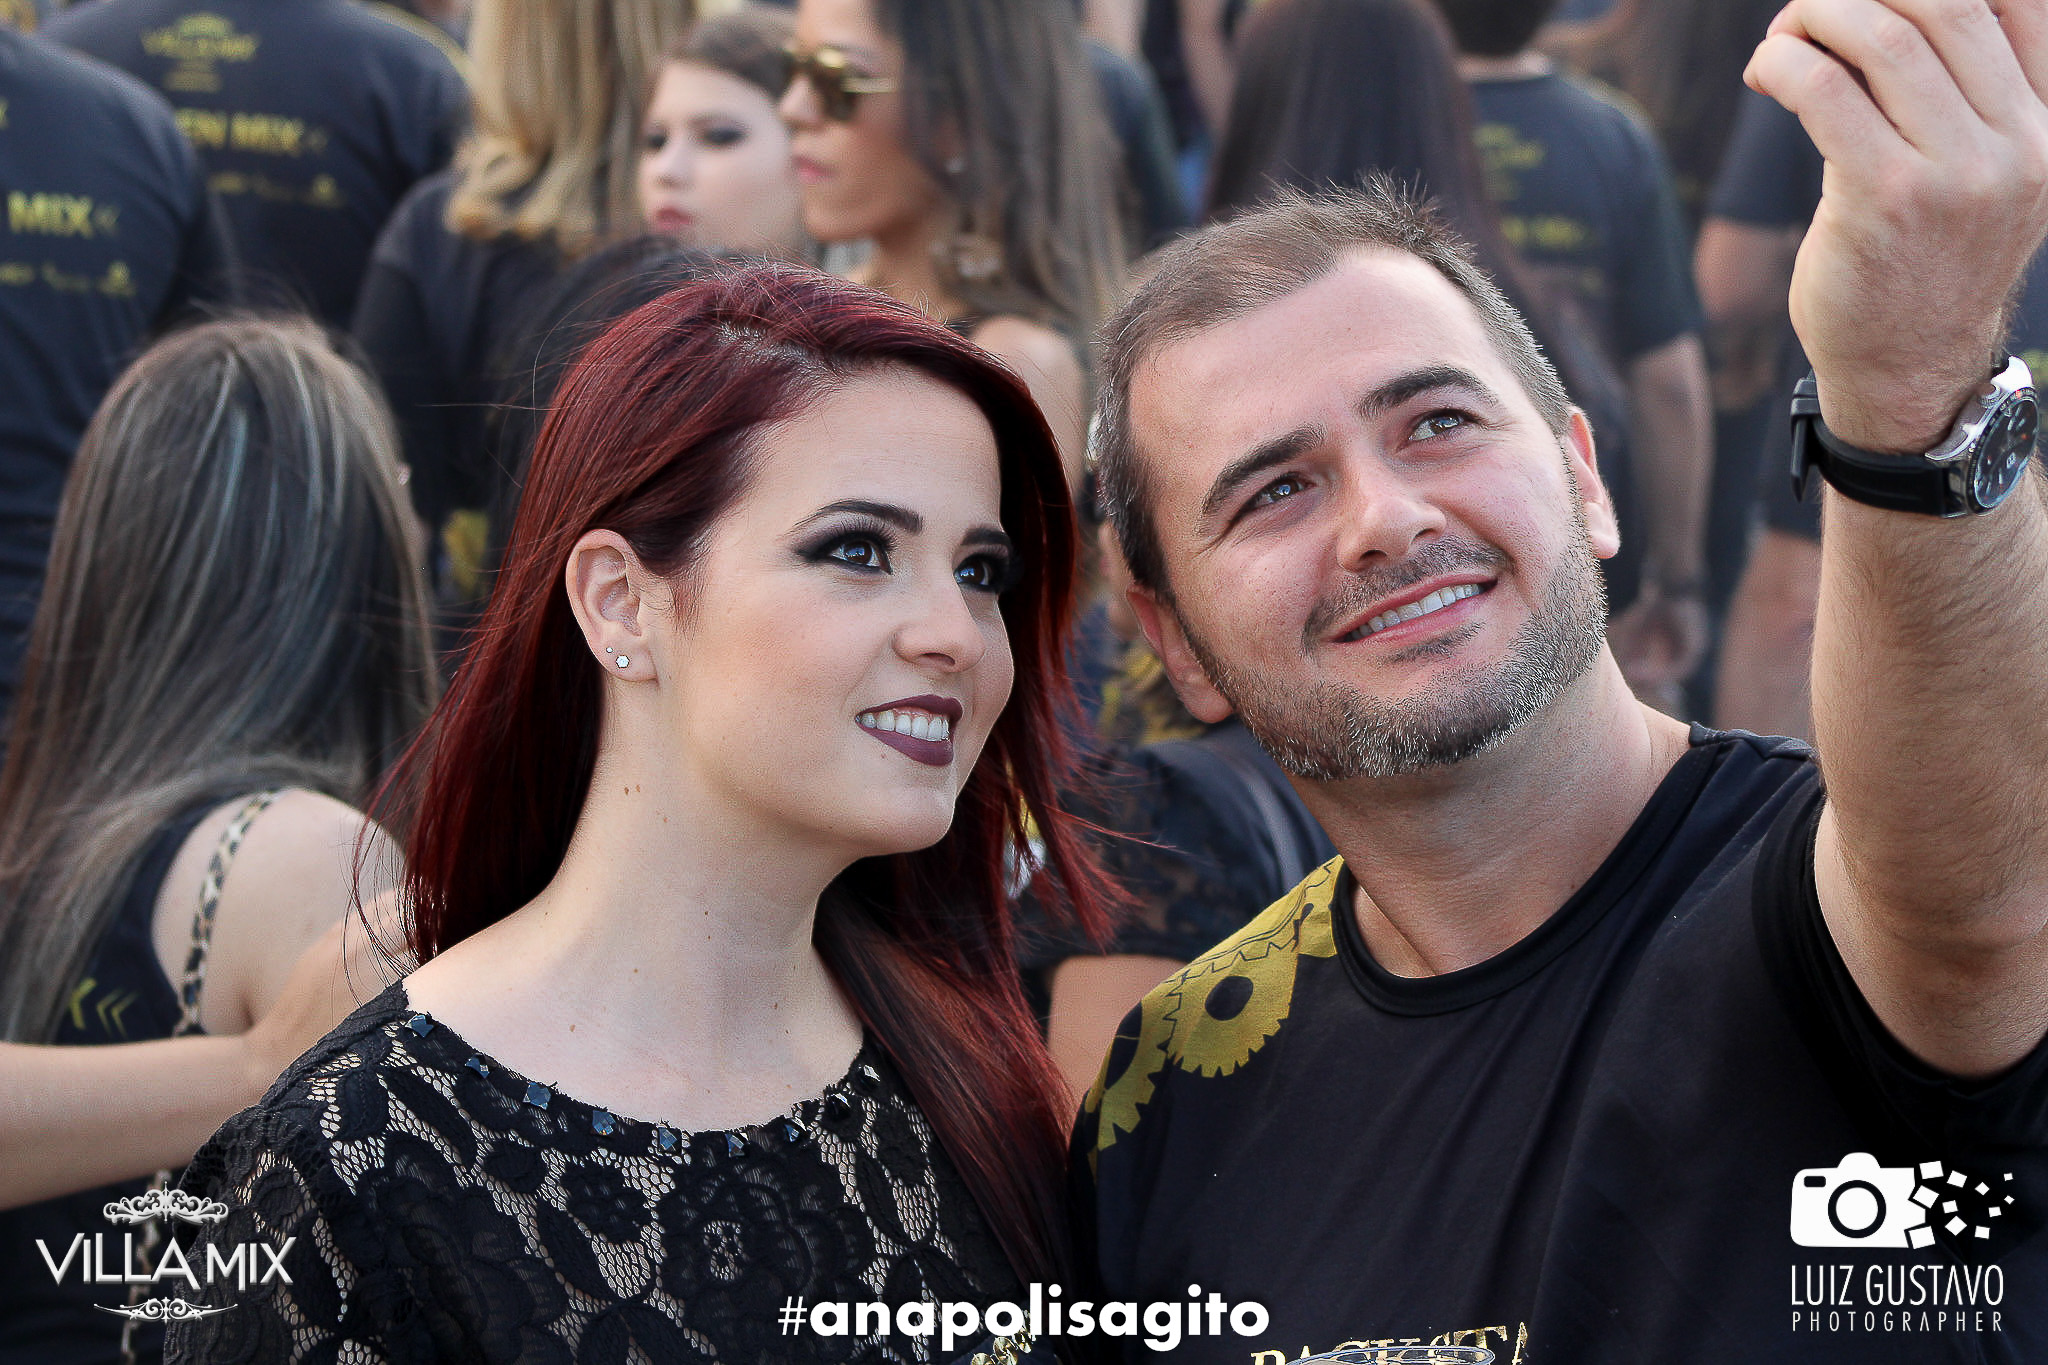 Luiz Gustavo Photographer (108 de 327)